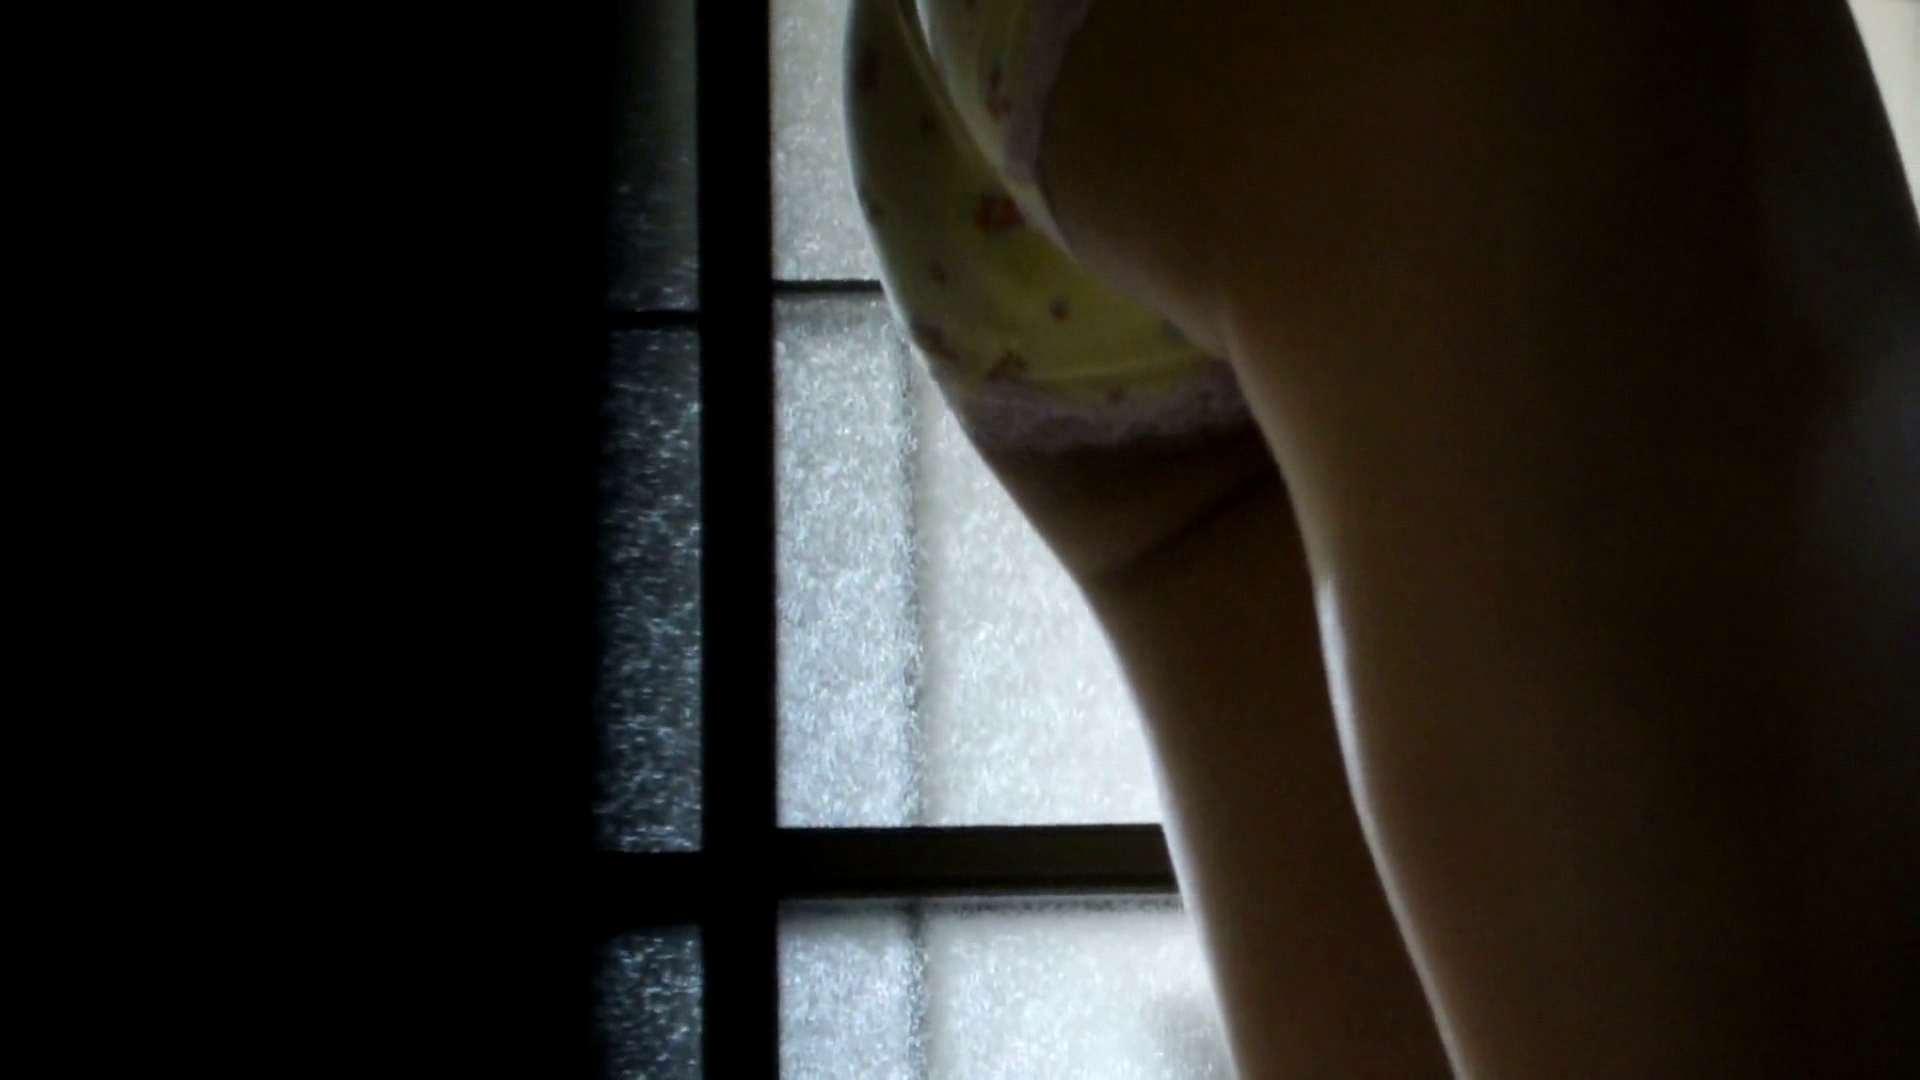 リアル盗撮 清楚なお女市さんのマル秘私生活② 盗撮エロすぎ   美女達のヌード  53連発 32